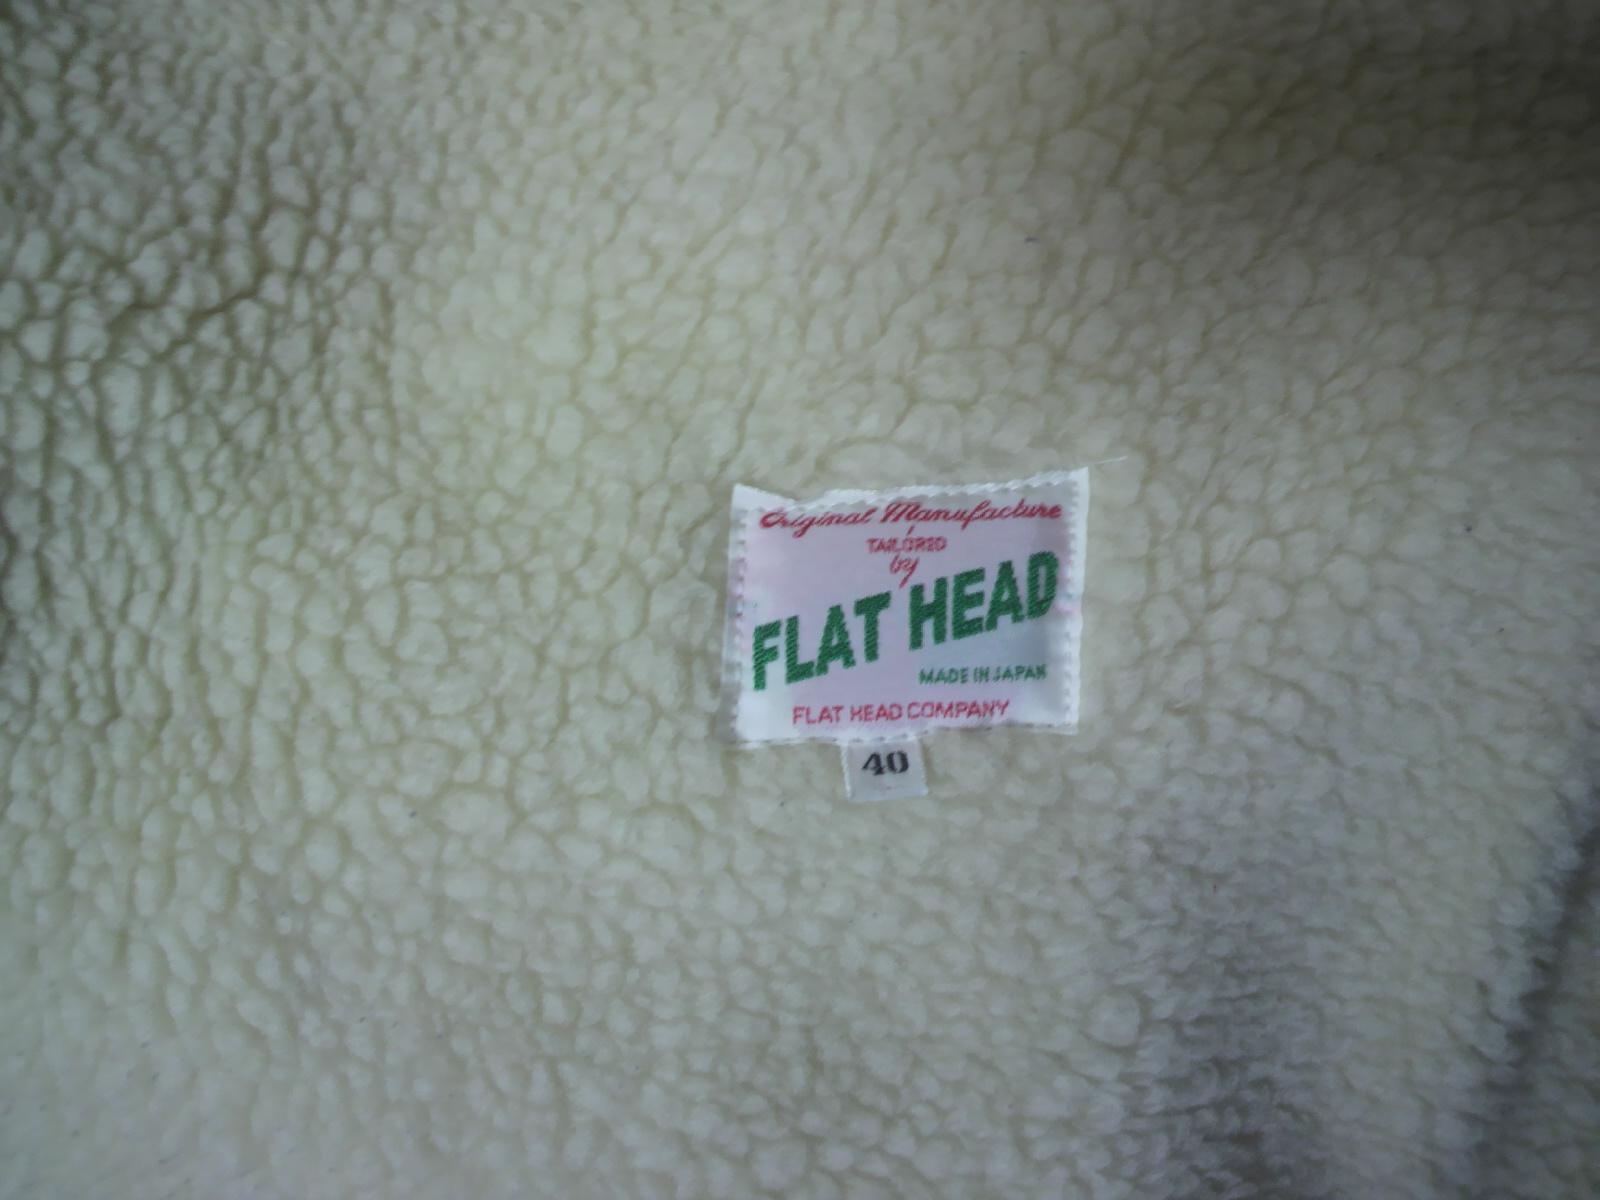 THE FLAT HEAD DOBBY RANCH COAT